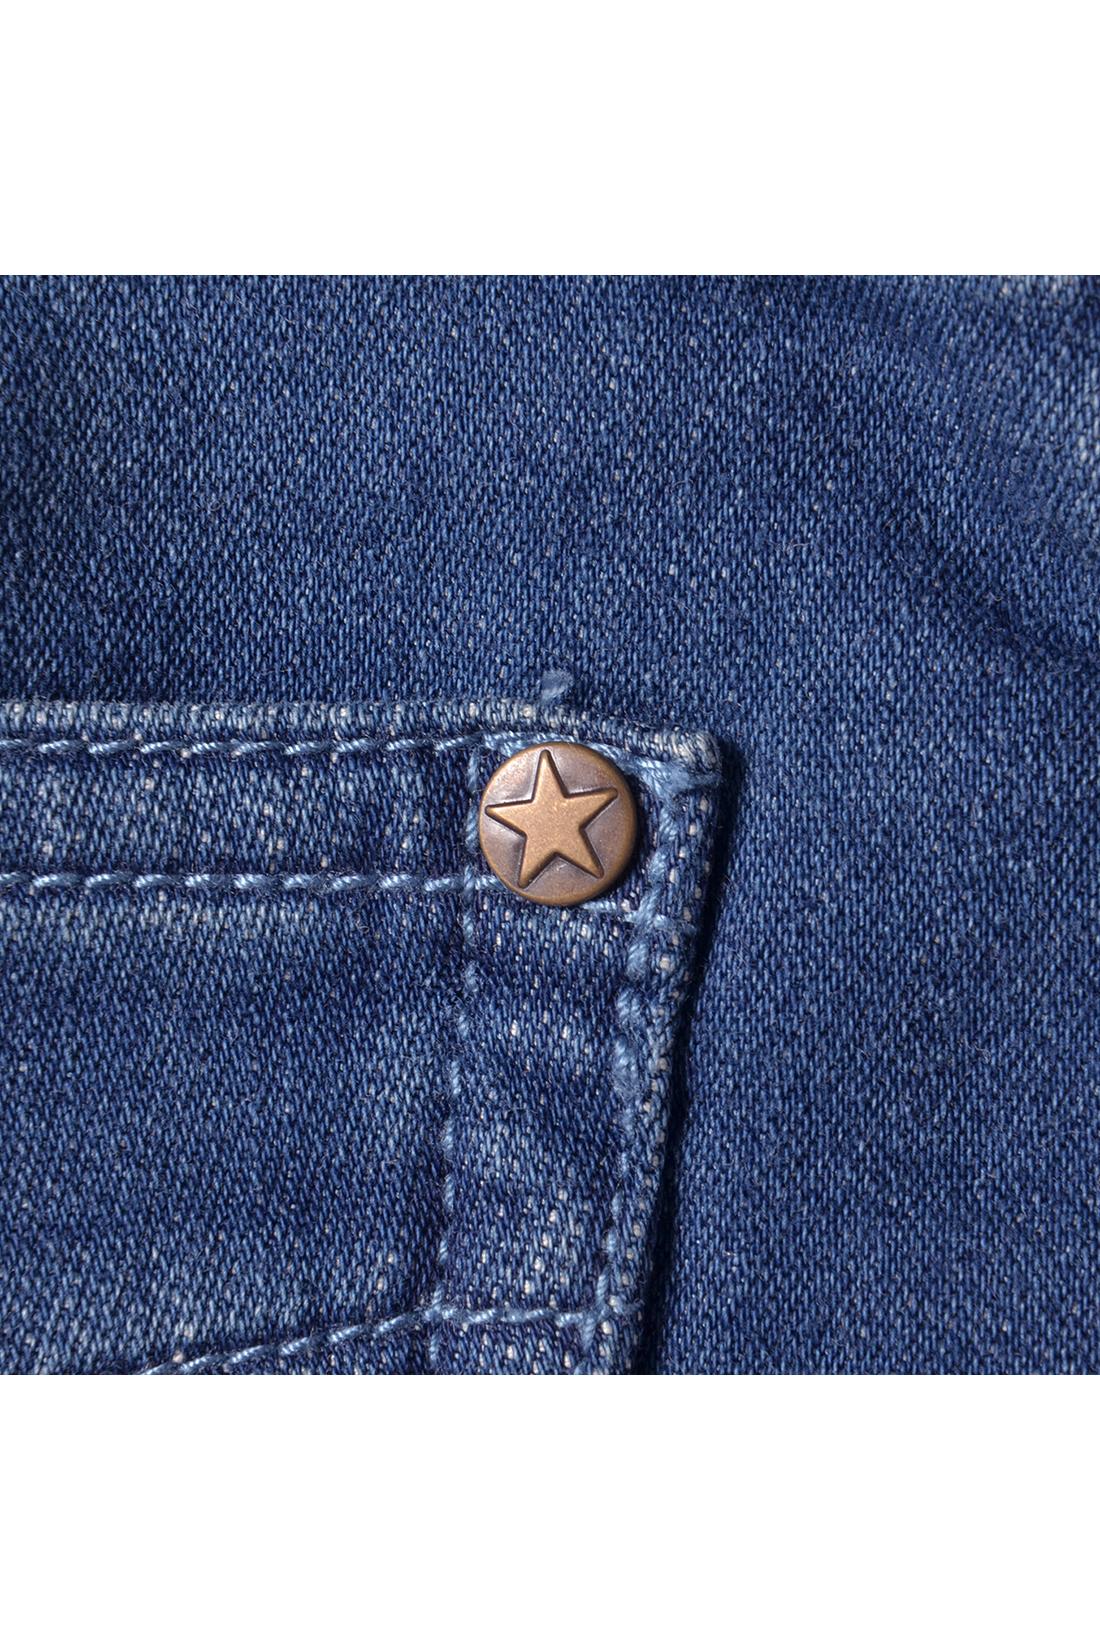 ポケットのすみに星発見。こっそりこだわったリベットにも注目して。